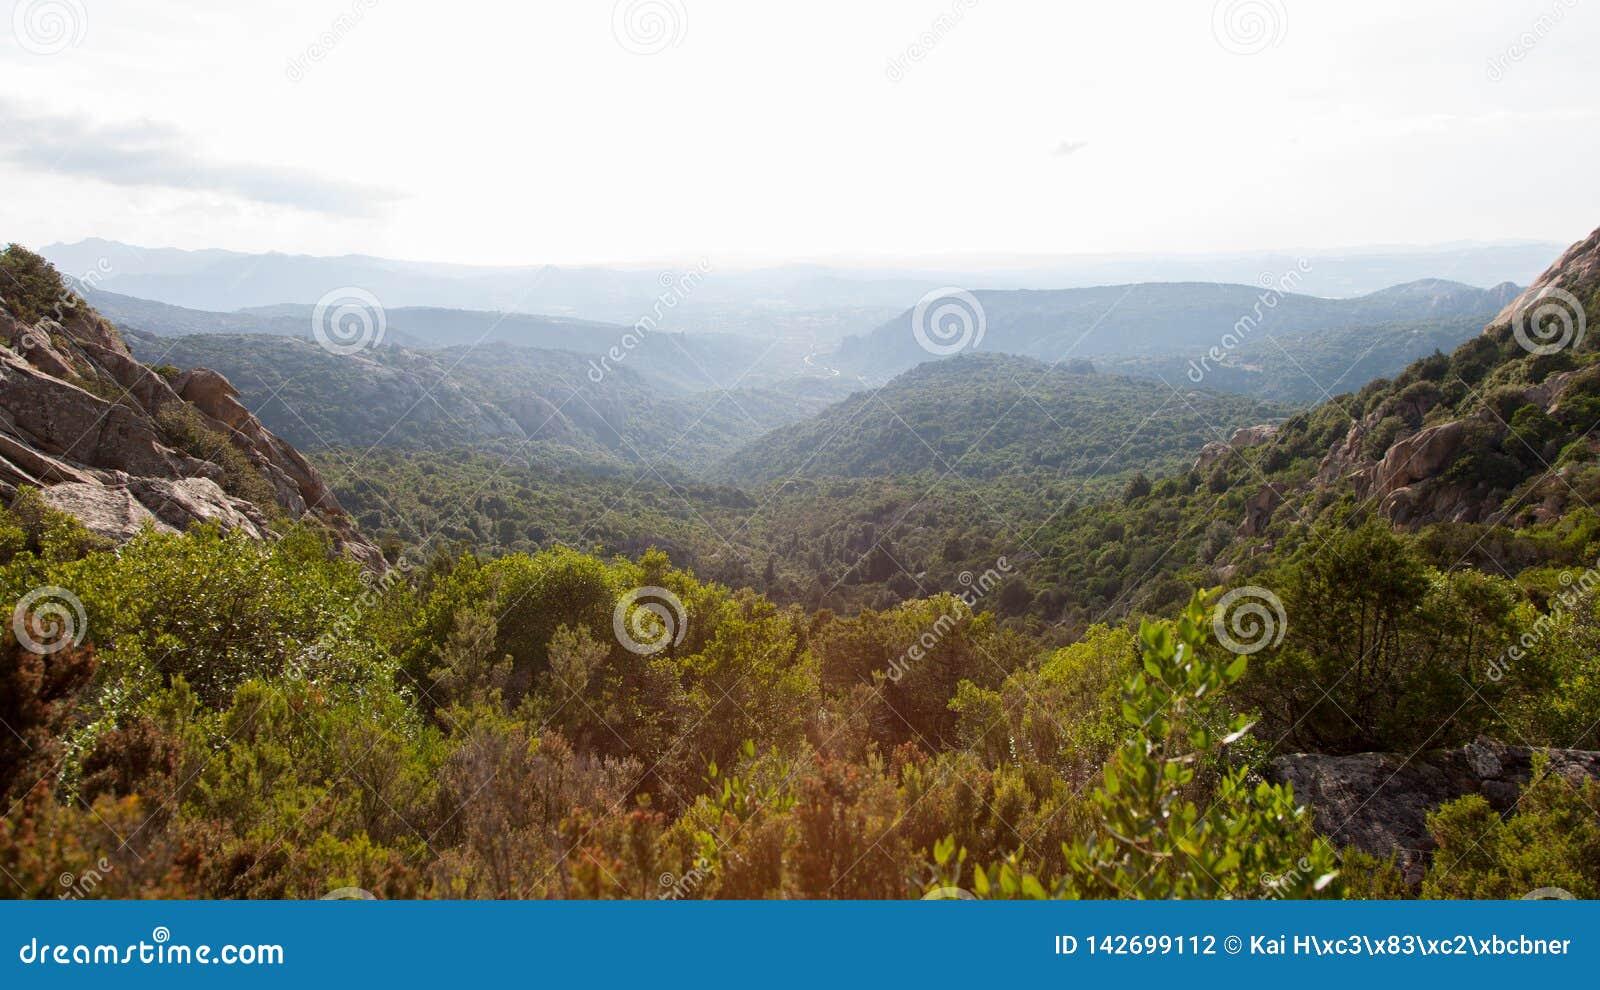 Σαρδηνιακό τοπίο θερινού ηλιοβασιλέματος βουνών Δάσος στη βουνοπλαγιά κάτω από τον ουρανό με τα σύννεφα